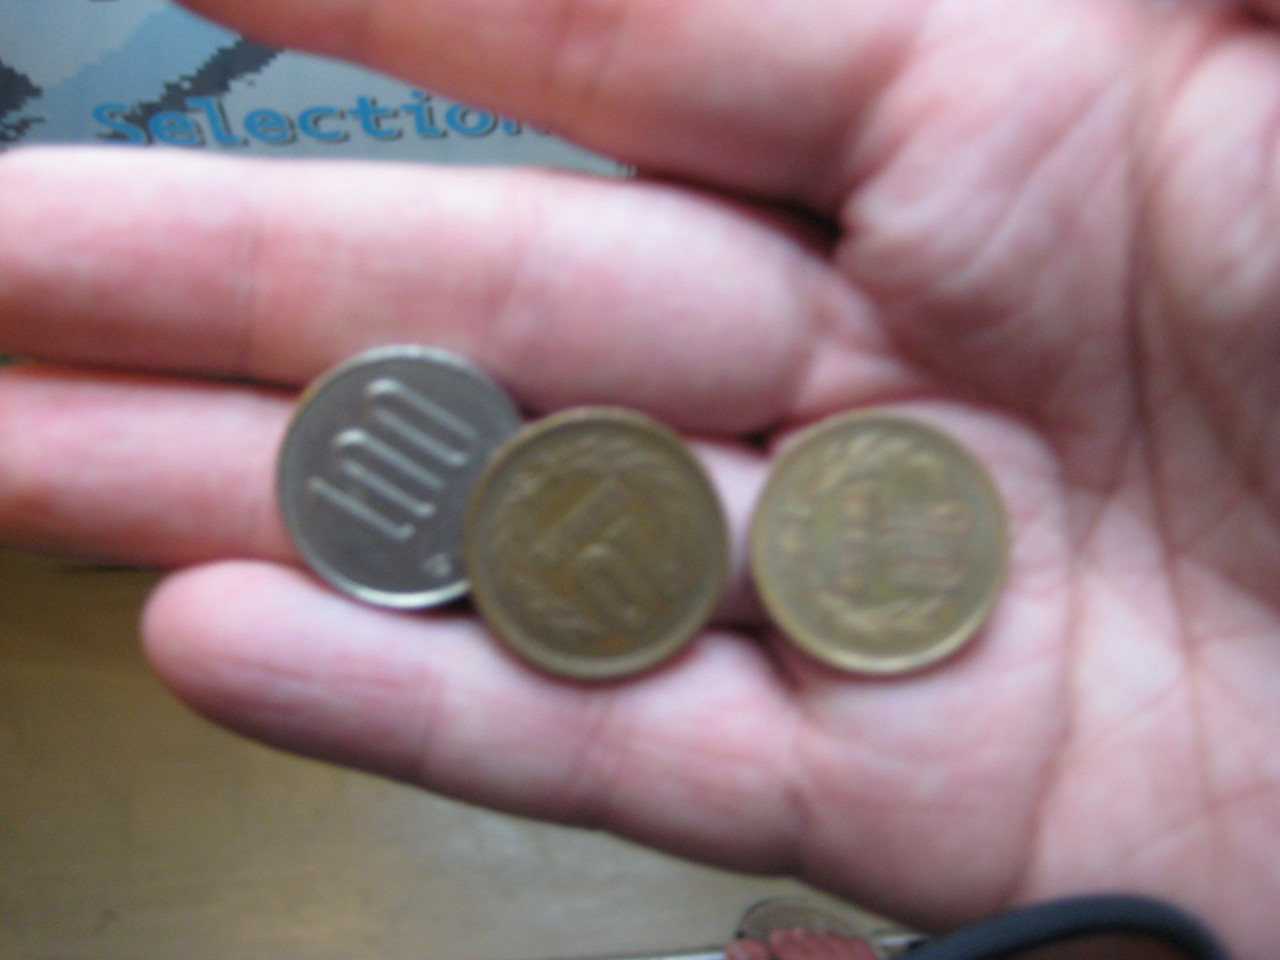 120 yen